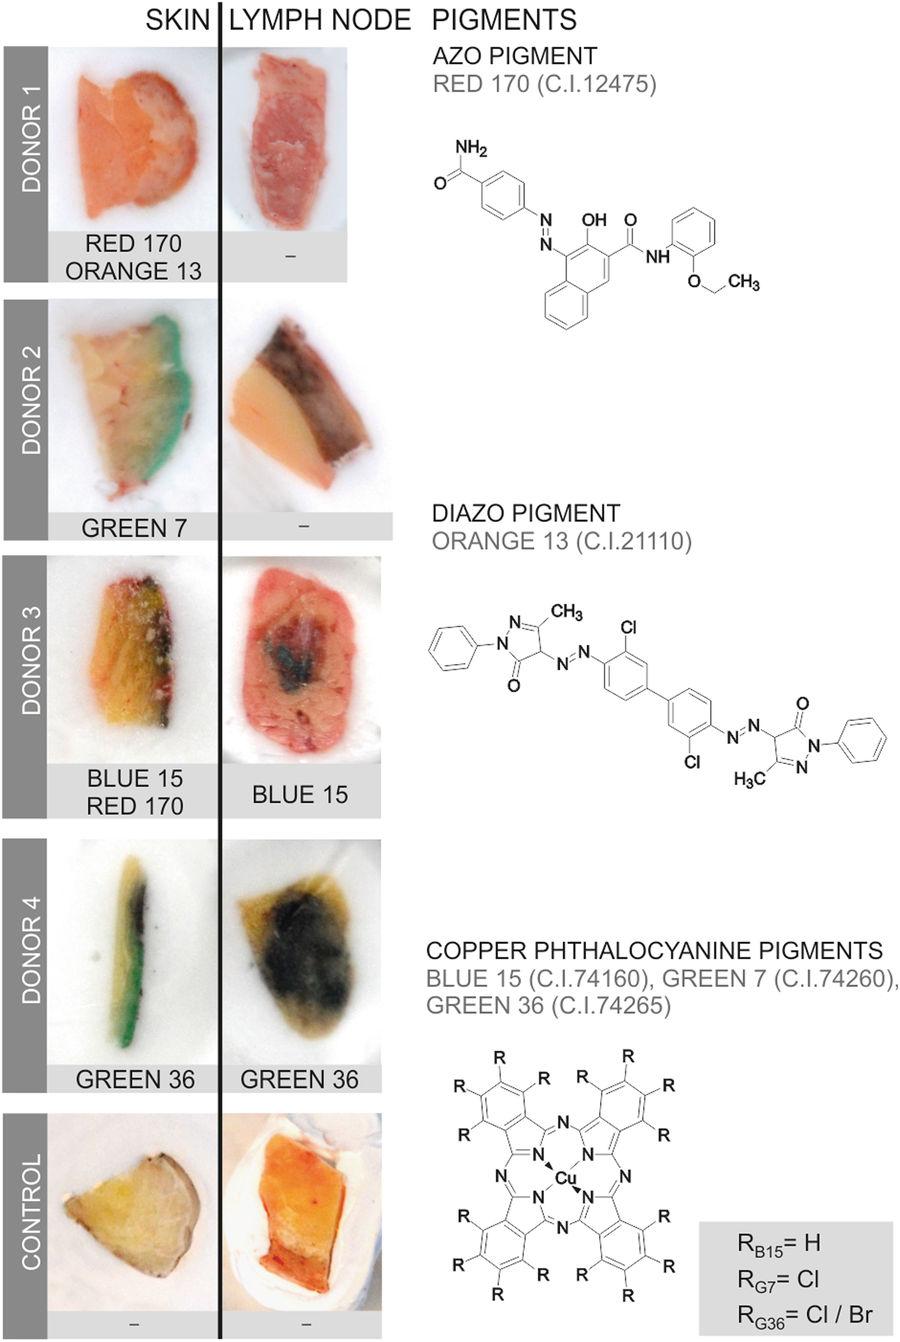 Figura 2 I pigmenti organici si traslocano dalla pelle ai linfonodi. I pigmenti organici in pelle liscia e linfonodi sono stati identificati mediante LDI-ToF-MS. I campioni adiacenti della pelle e dei linfonodi (circa 5-10 mm) vengono visualizzati in criomagina dopo la preparazione di sezioni sottili per analisi μ-FTIR e μ-XRF. I campioni della pelle sono orientati con la sua superficie sul lato destro. I pigmenti organici identificati sono indicati sotto ogni campione. Le strutture chimiche dei pigmenti organici identificati nei campioni sono visualizzati sulla destra.